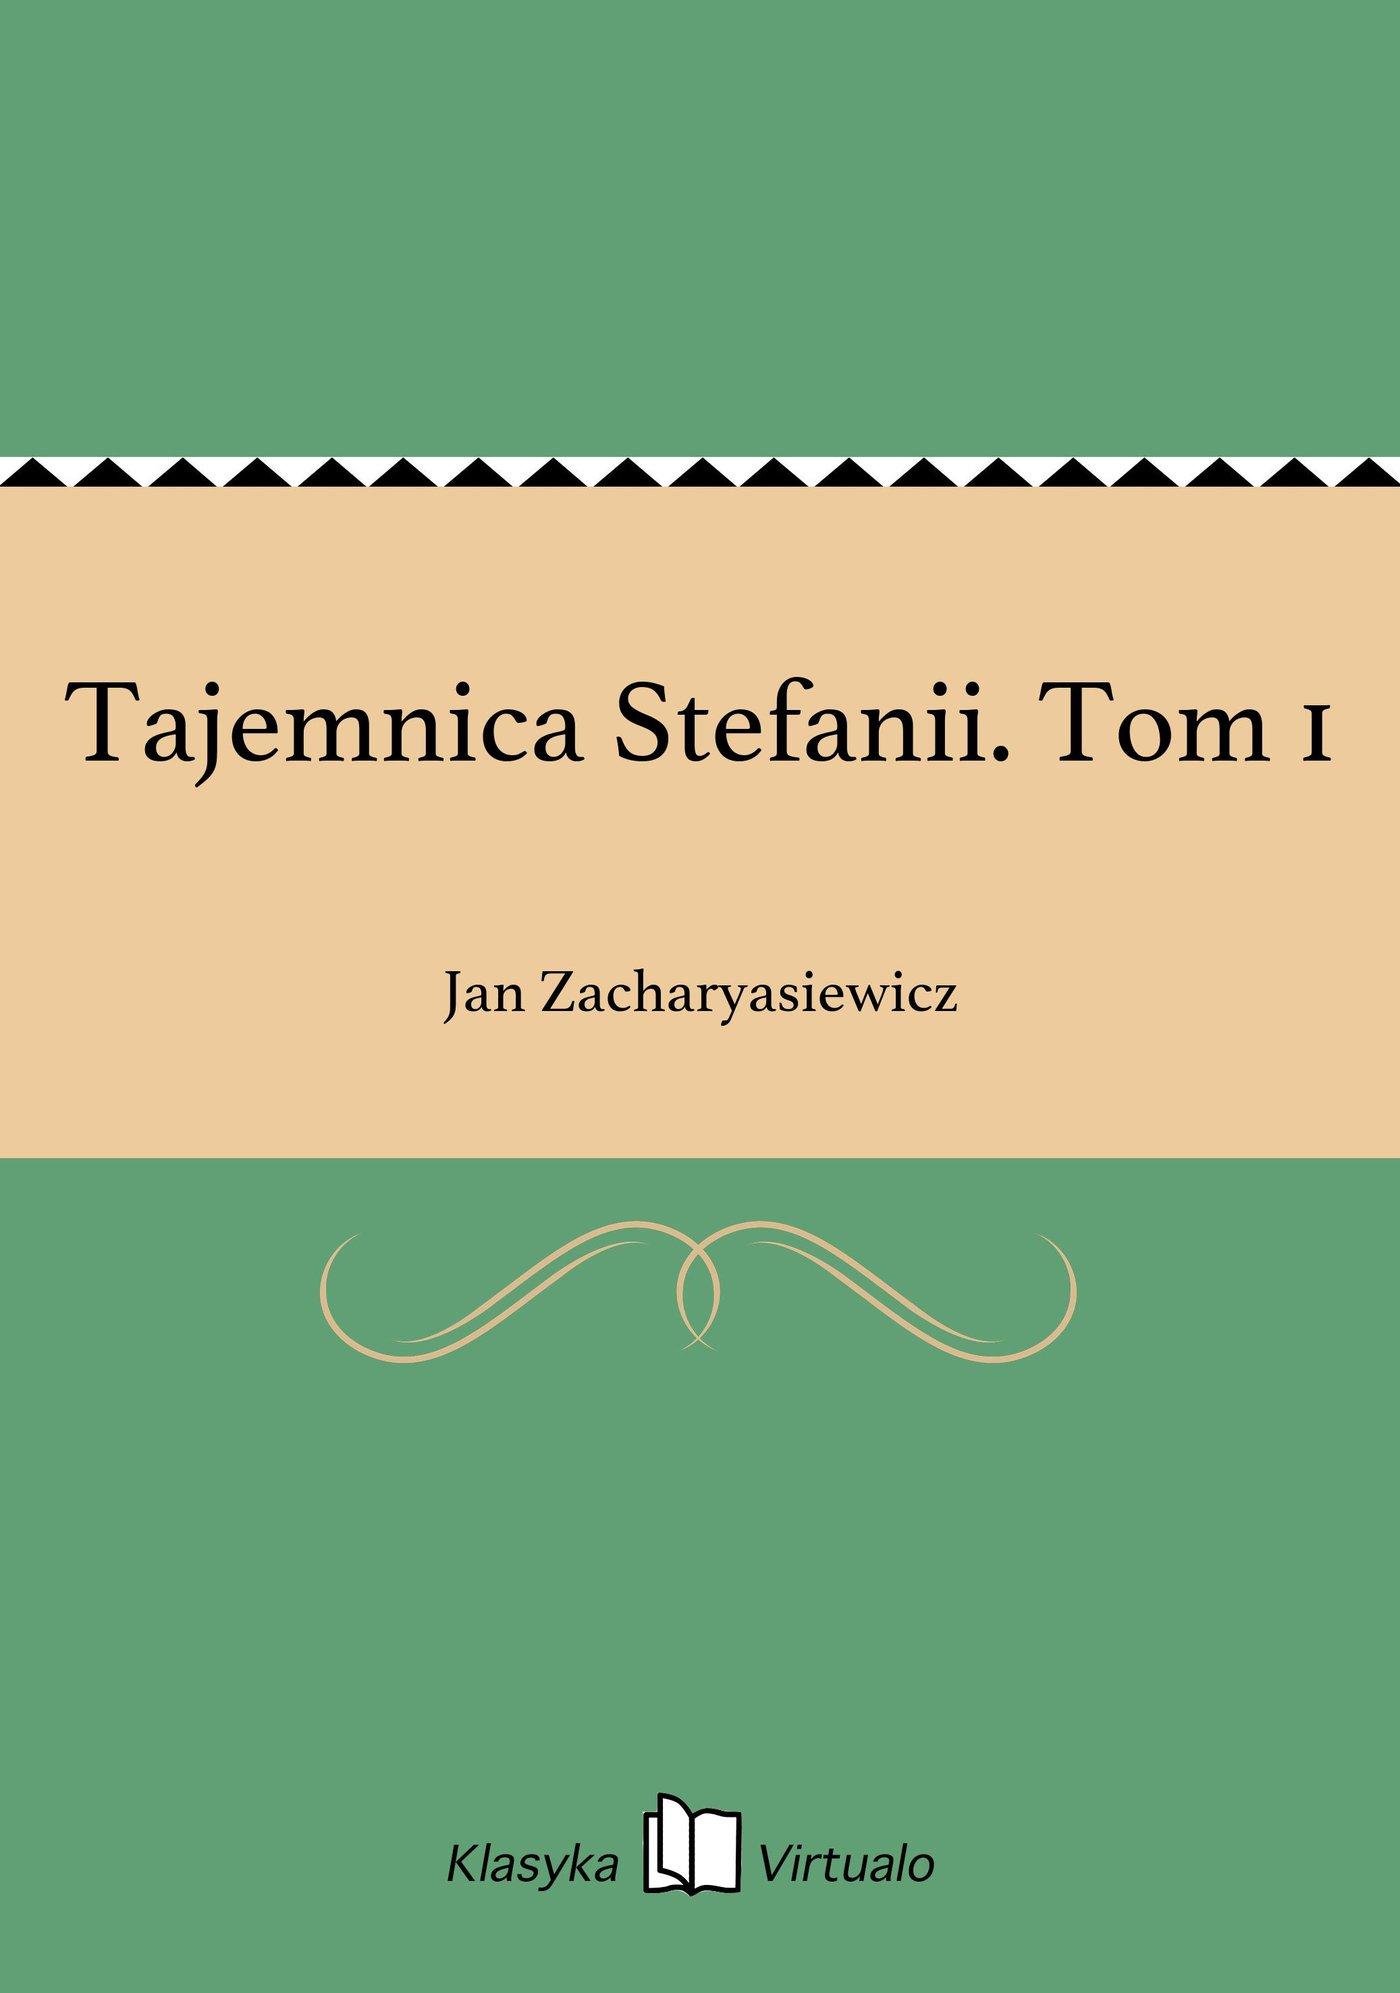 Tajemnica Stefanii. Tom 1 - Ebook (Książka EPUB) do pobrania w formacie EPUB